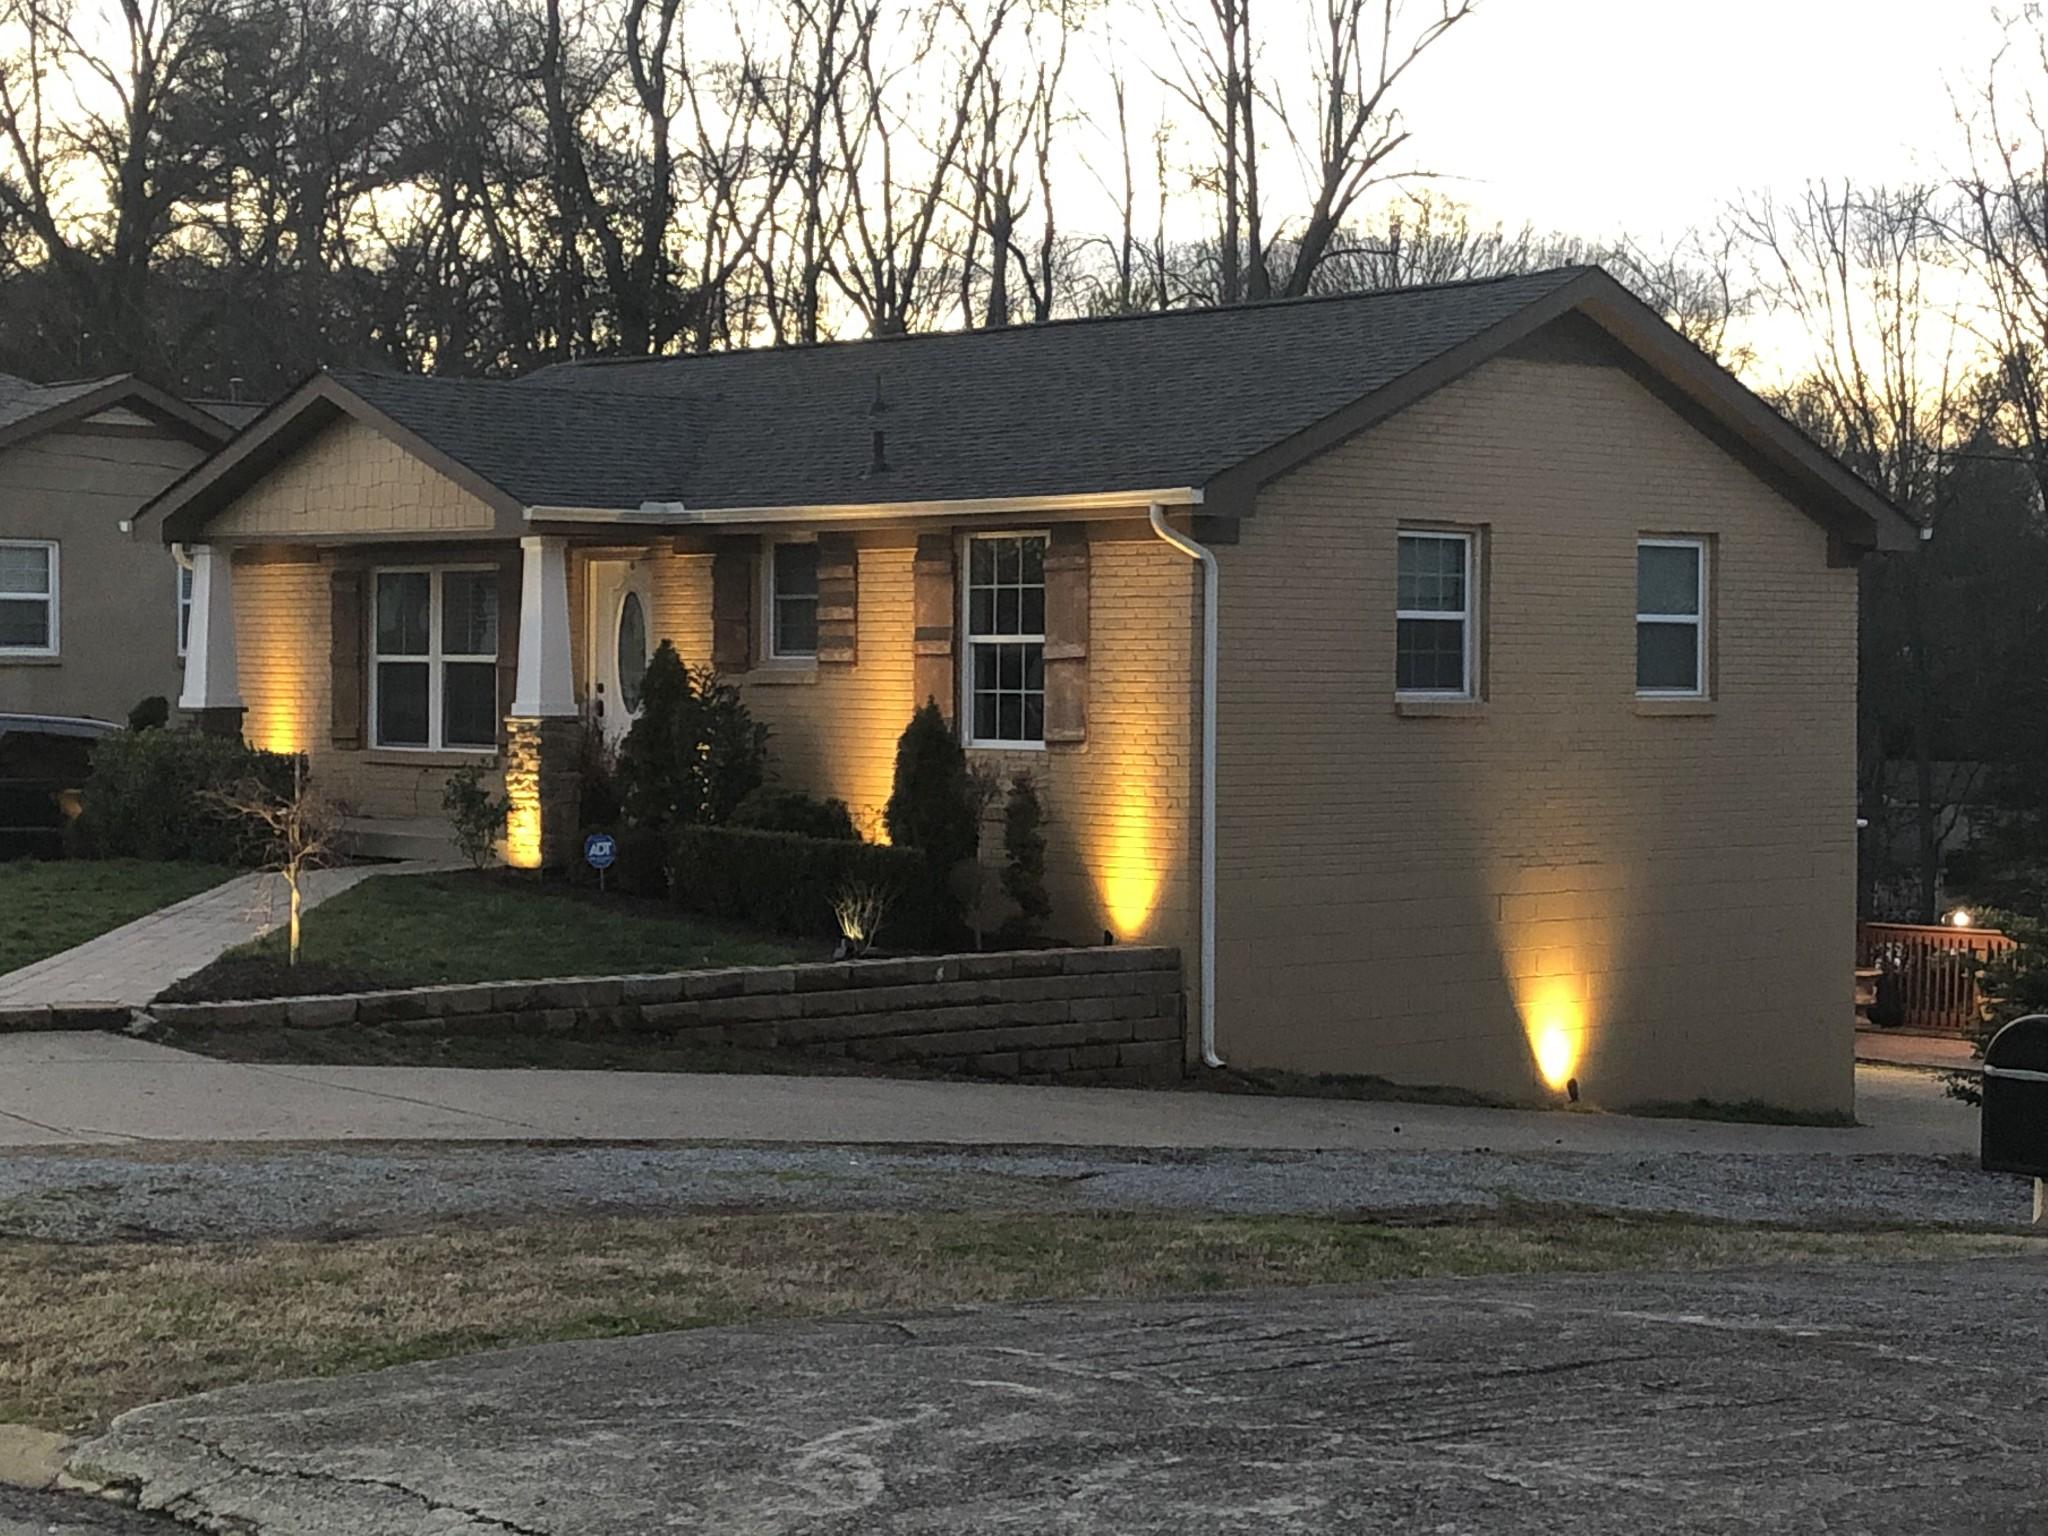 120 Rader Dr, Nashville-Antioch, Tennessee